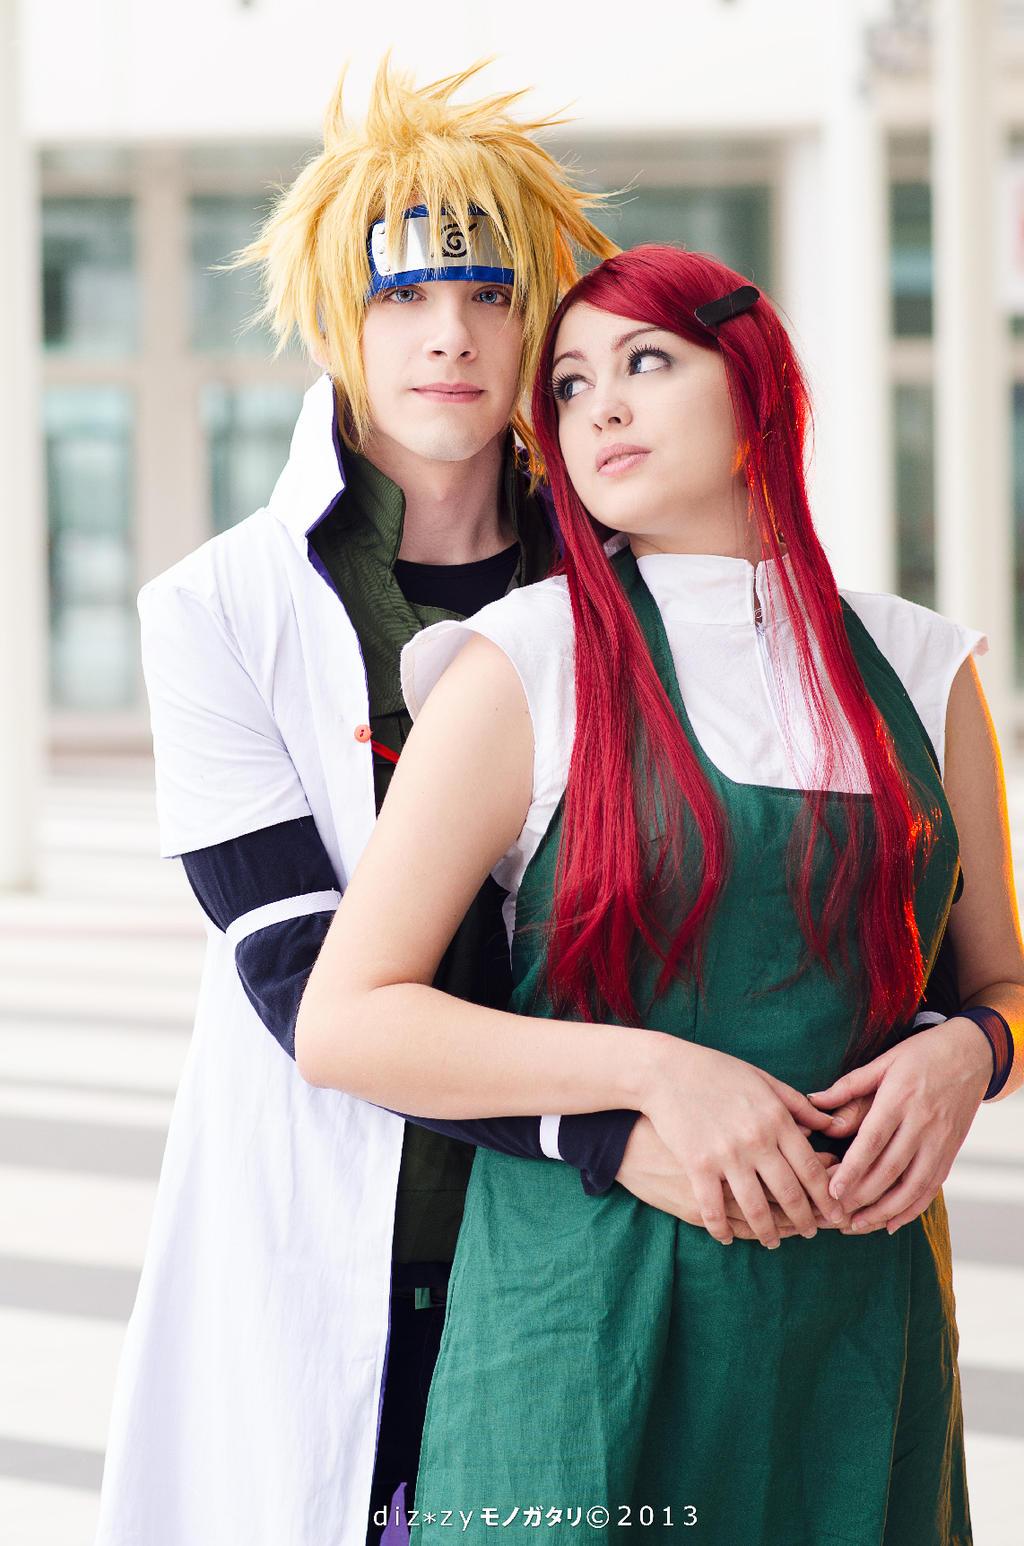 Minato and kushina cosplay